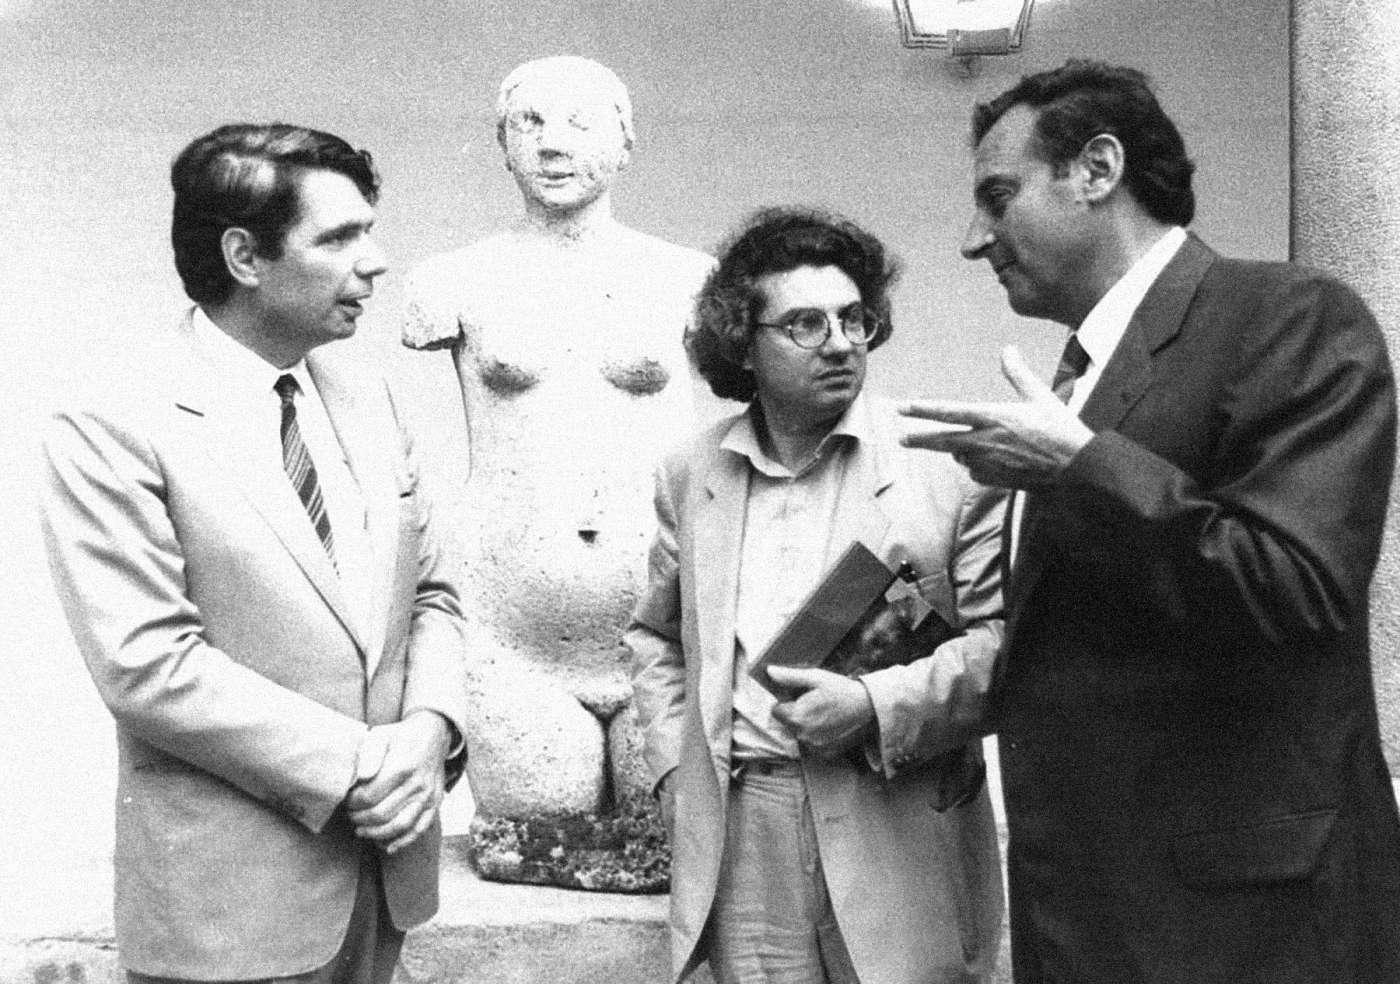 Giuseppe Buffi, Mario Botta, Giorgo Noseda